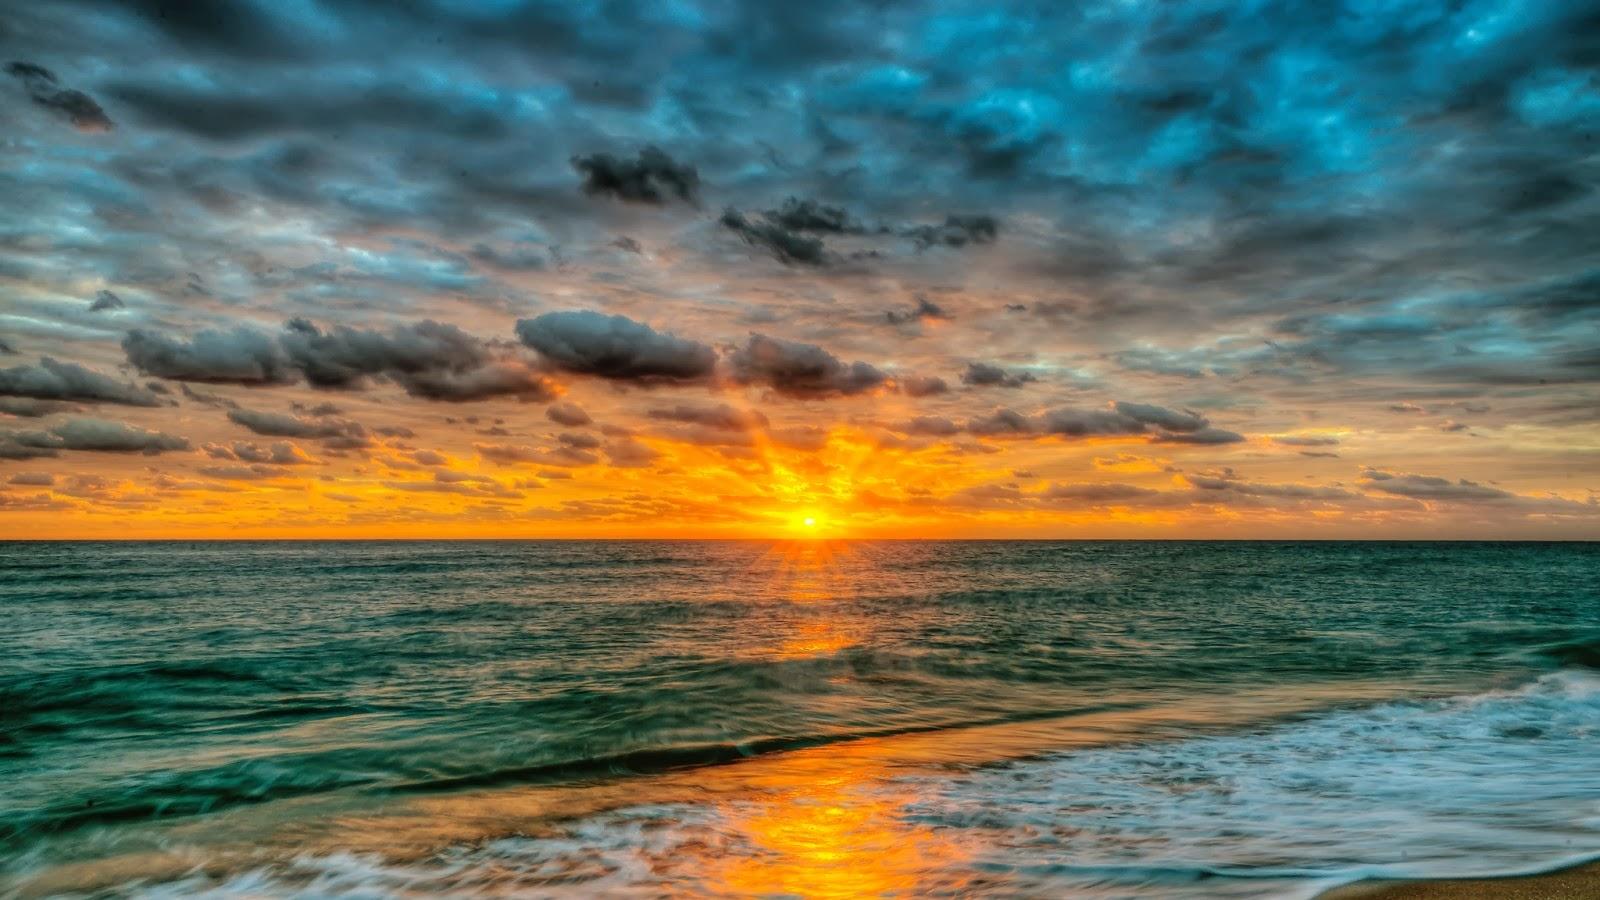 أجمل خلفيات مناظر طبيعية لشروق الشمس 2014